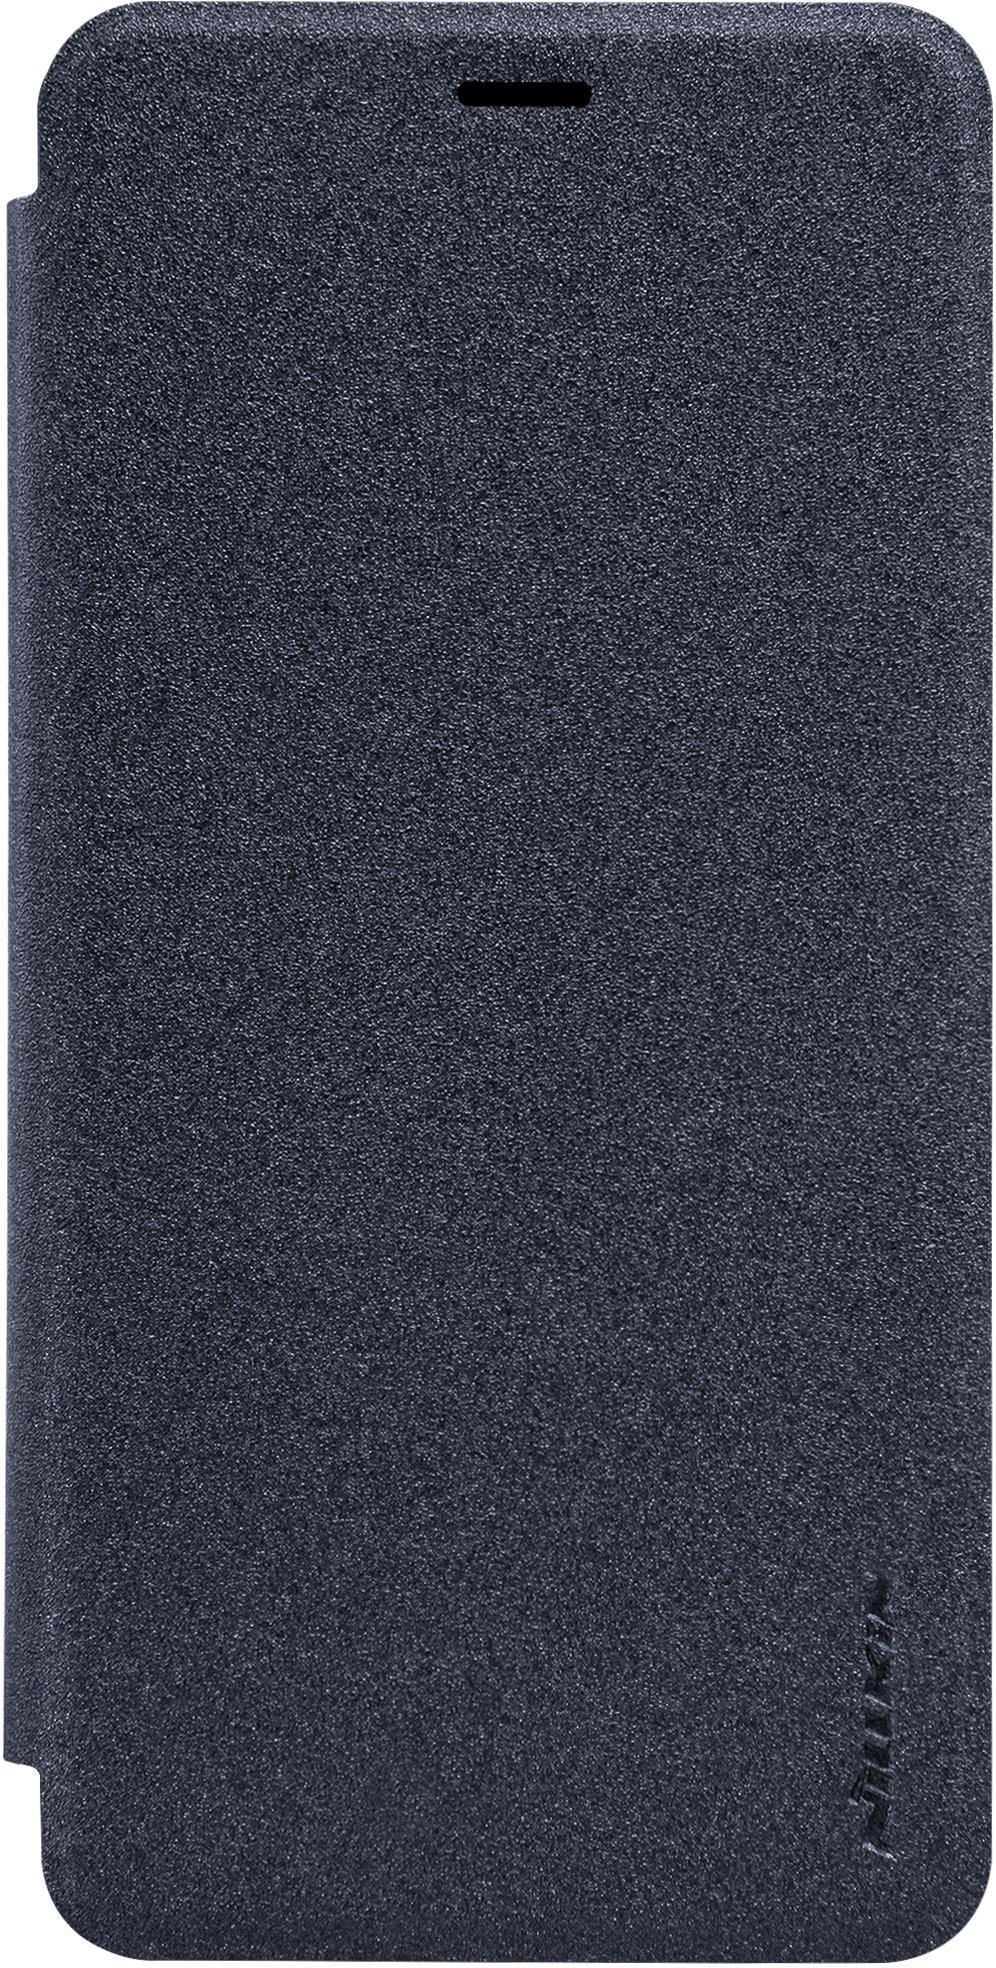 Чехол Nillkin Sparkle для Meizu M5, 6902048133563, серый nillkin meizu pro7 матовый телефон защитная крышка чехол чехол для мобильного телефона черный